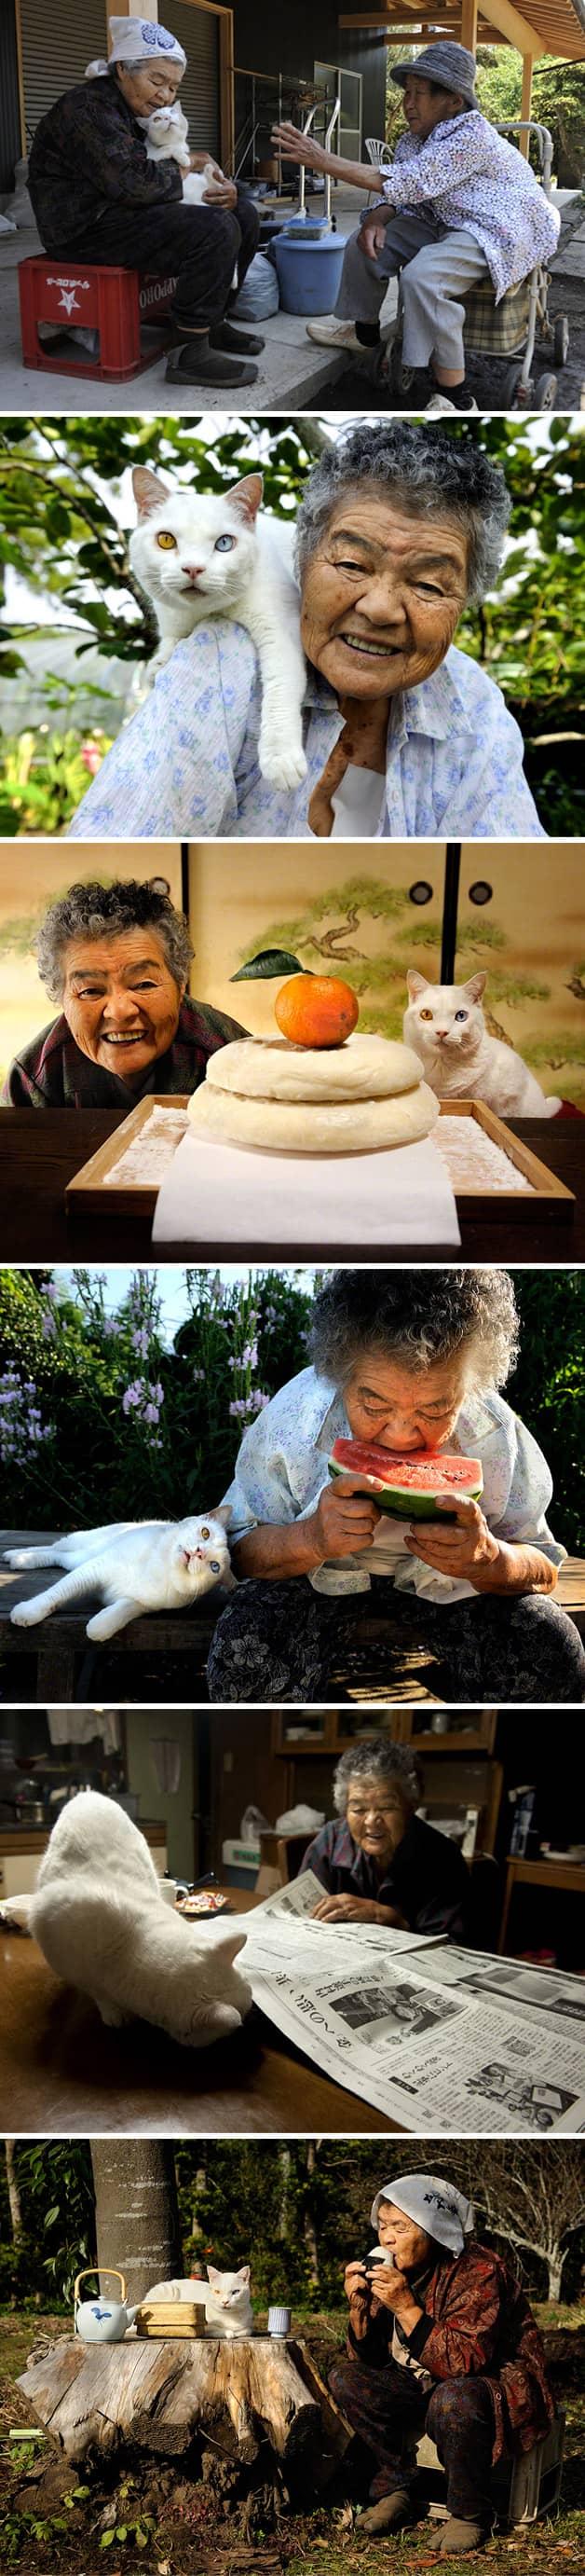 Série documenta a história de amor entre uma mulher e um gato resgatado das ruas 3